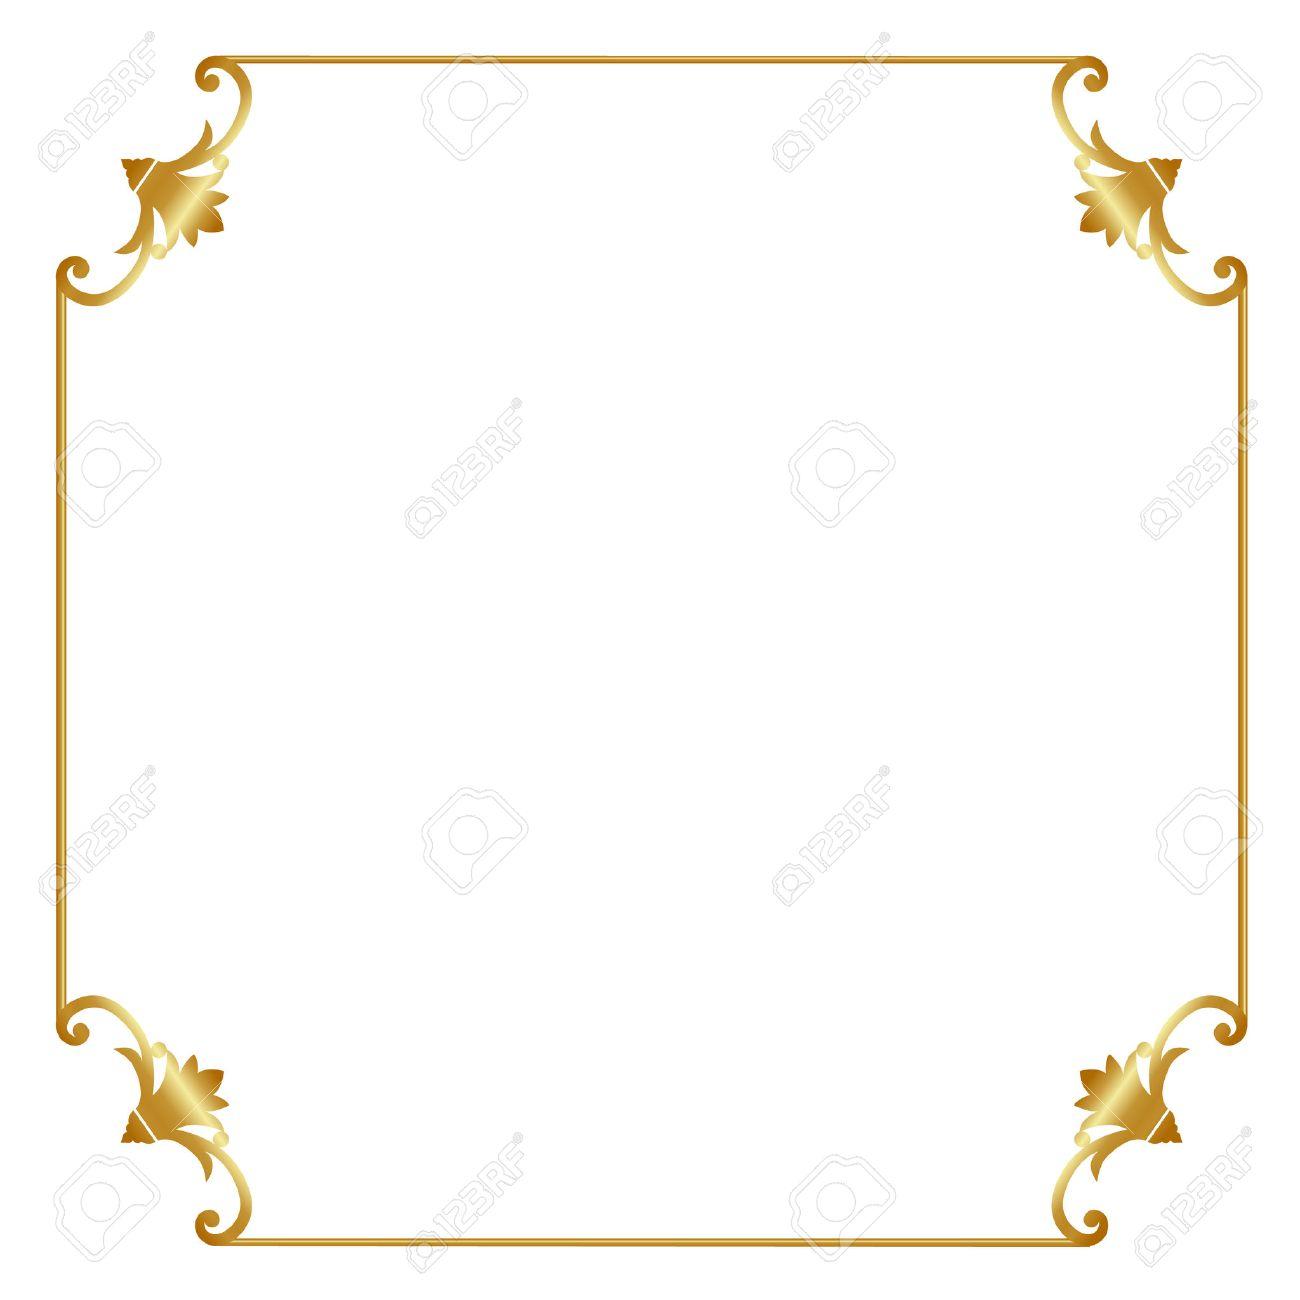 Elegant Gold Frame Isolated On White Background Royalty Free ...